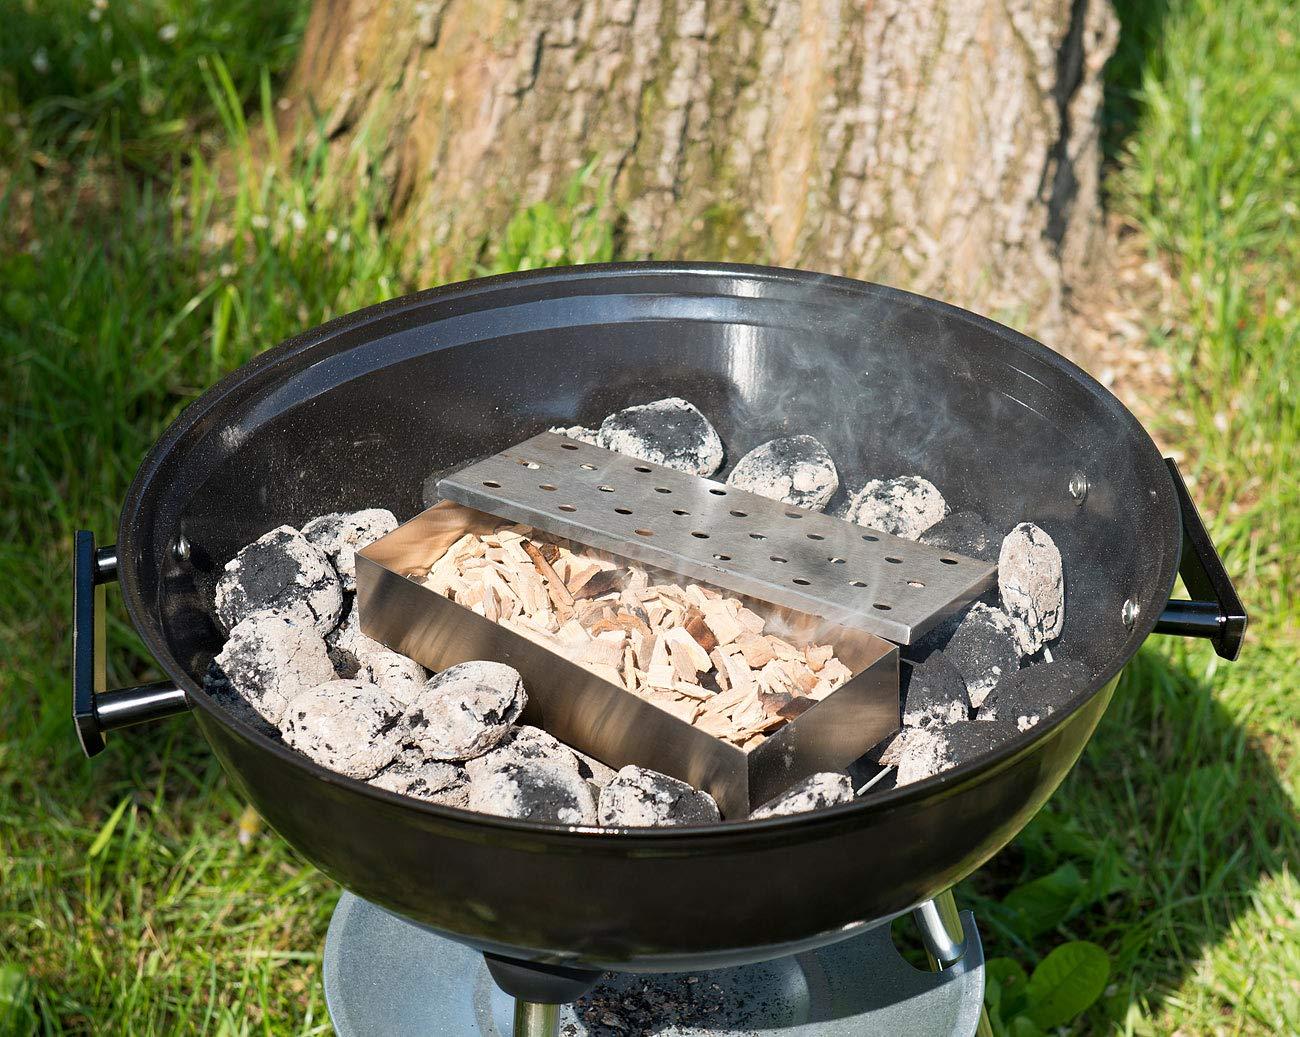 Gas Oder Holzkohlegrill Zubehör : Holzkohlegrill weber cm mit zubehör in niedersachsen hoya